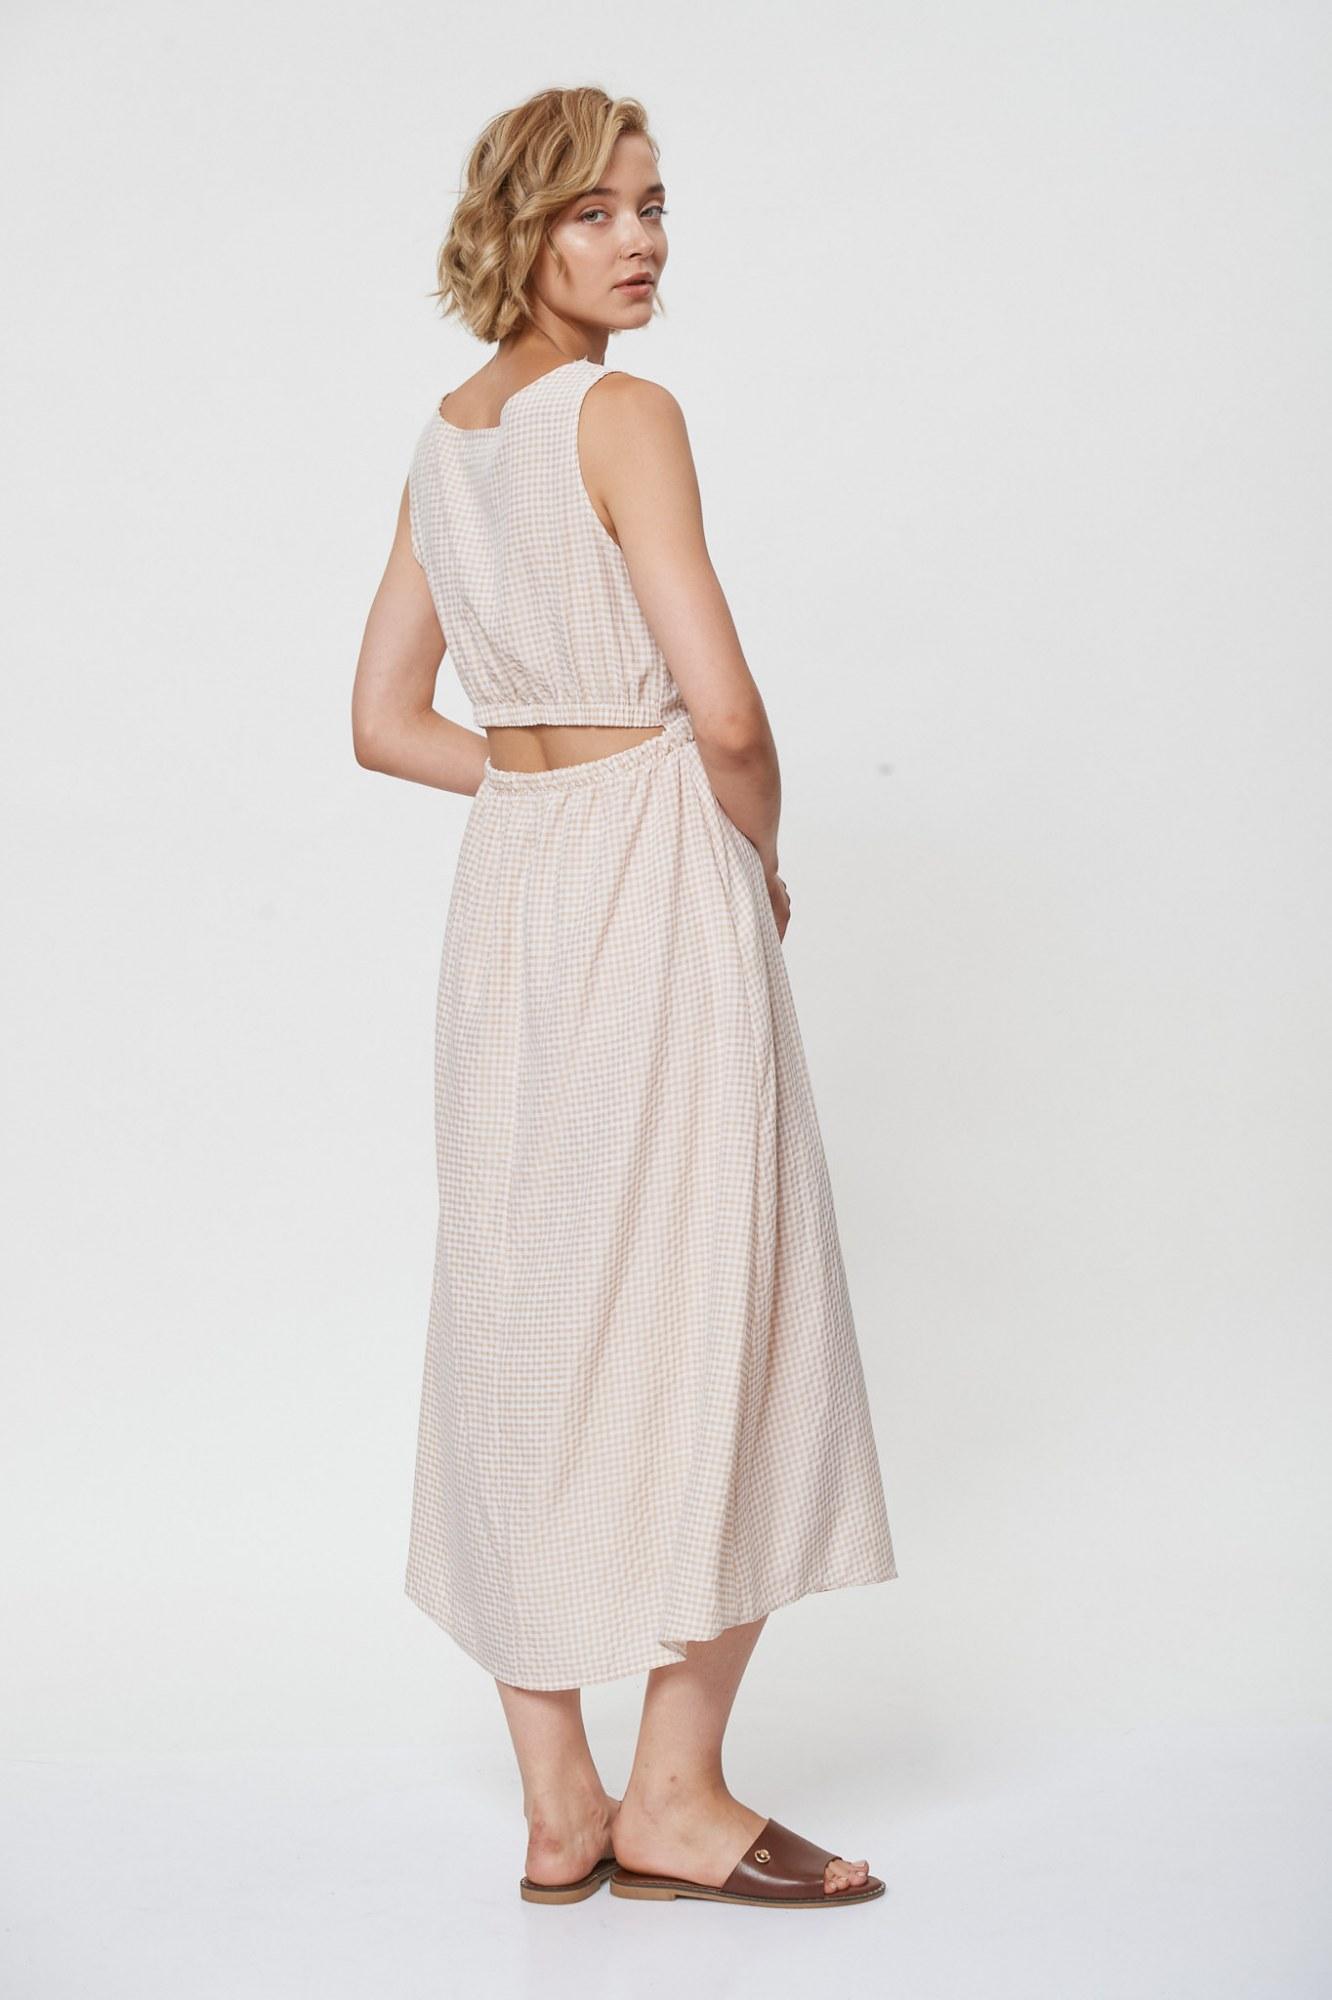 Φόρεμα καρό με άνοιγμα στην πλάτη Bertha - Μπεζ